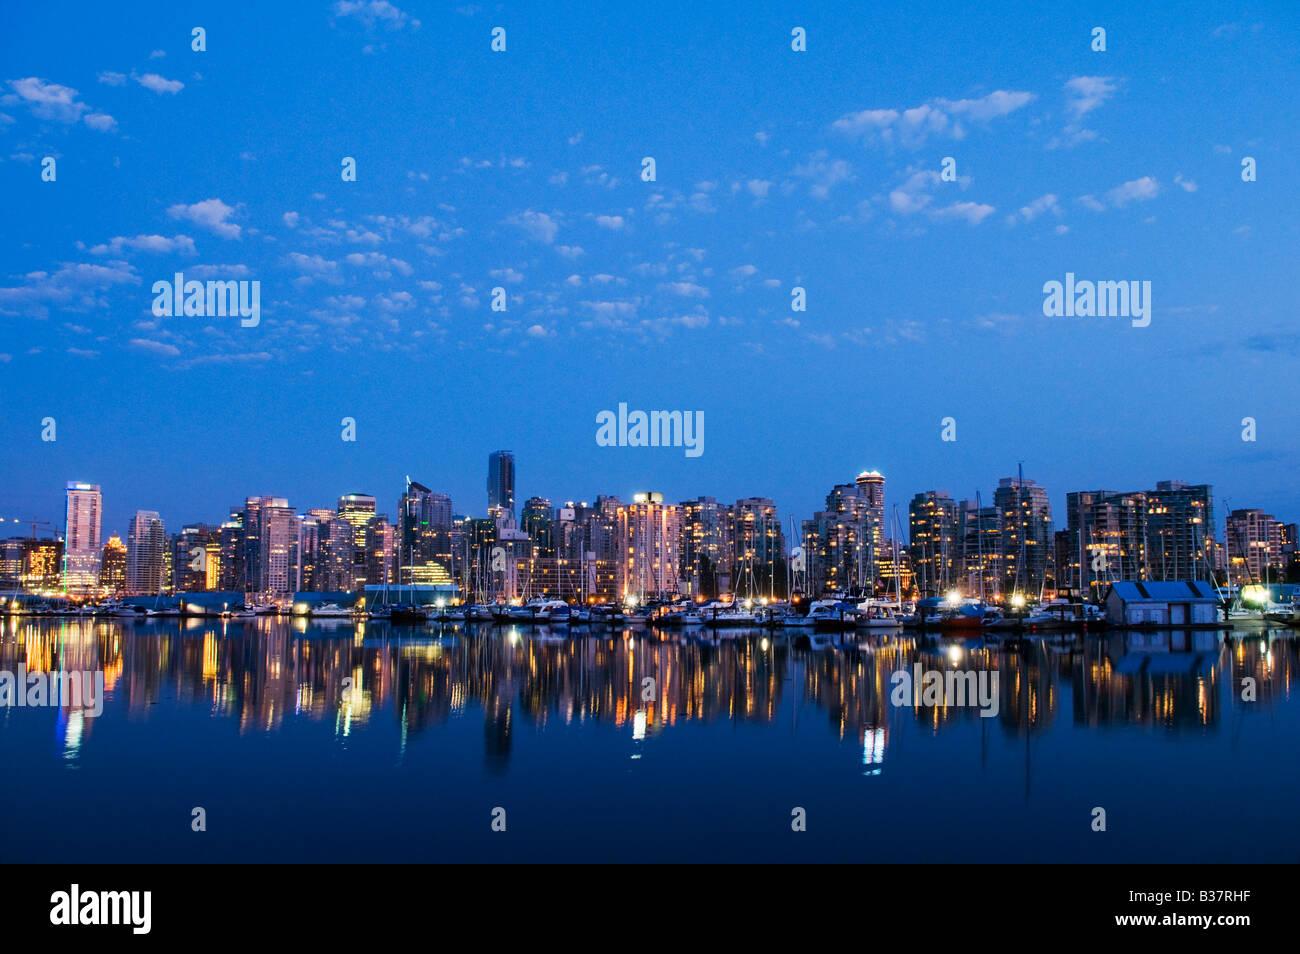 'Por la noche skyline Coal Harbour Vancouver Canadá' Imagen De Stock